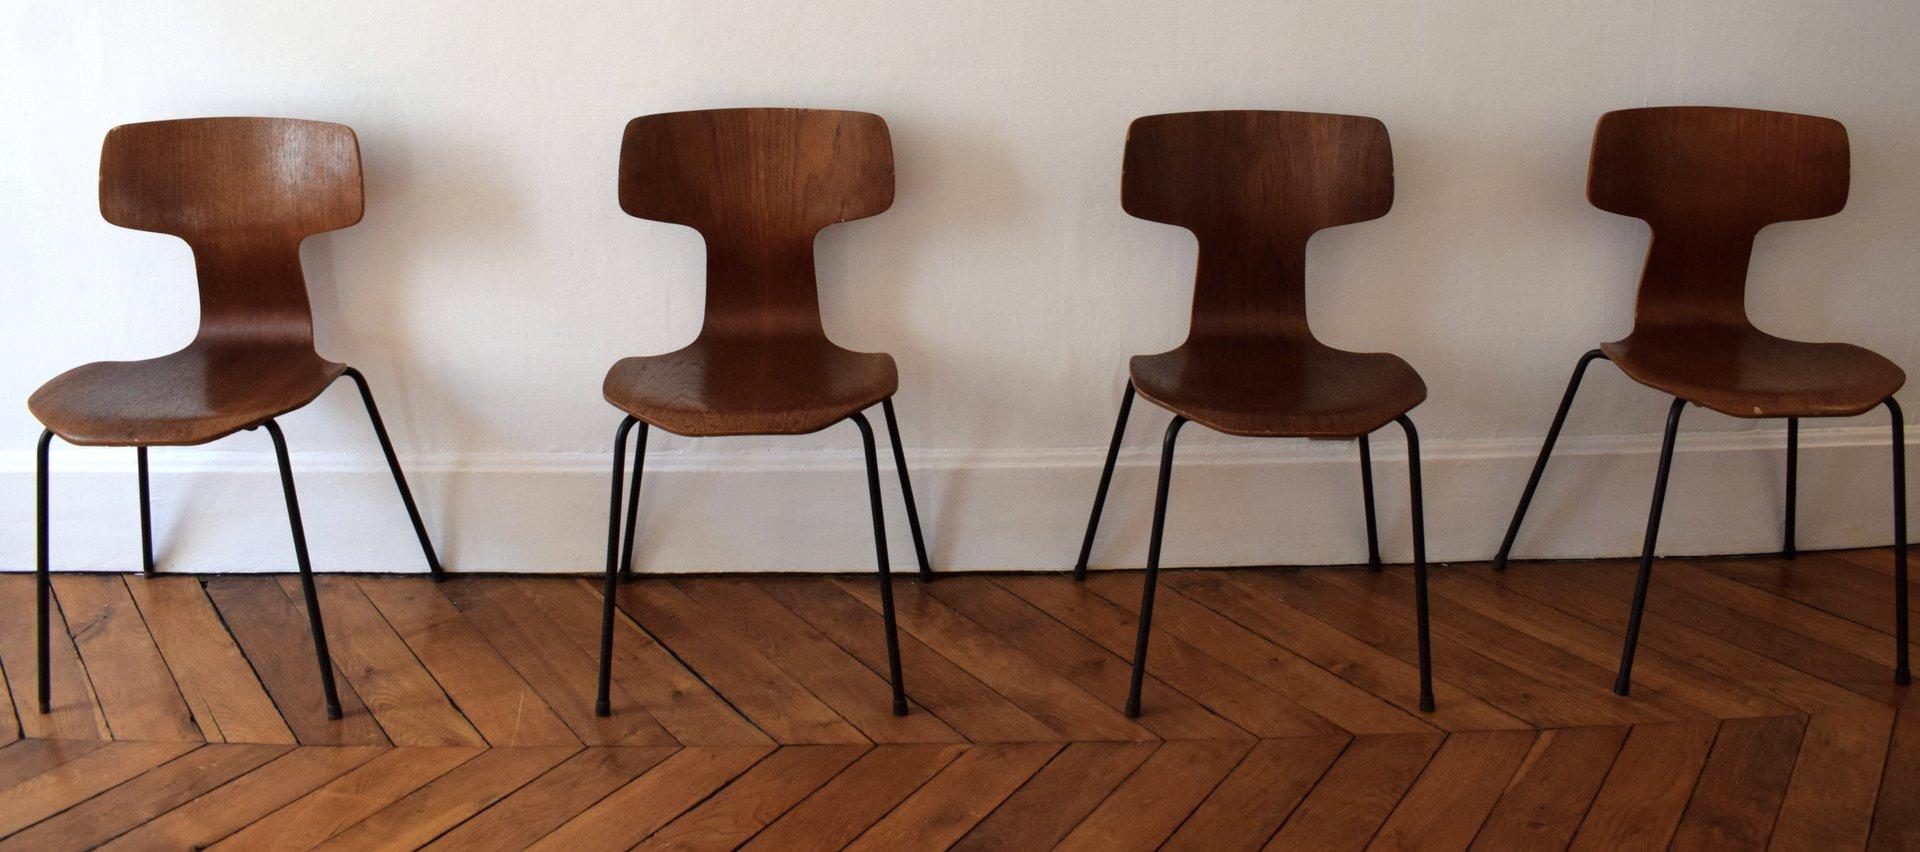 marteau st hle mit teak furnier von arne jacobsen f r. Black Bedroom Furniture Sets. Home Design Ideas